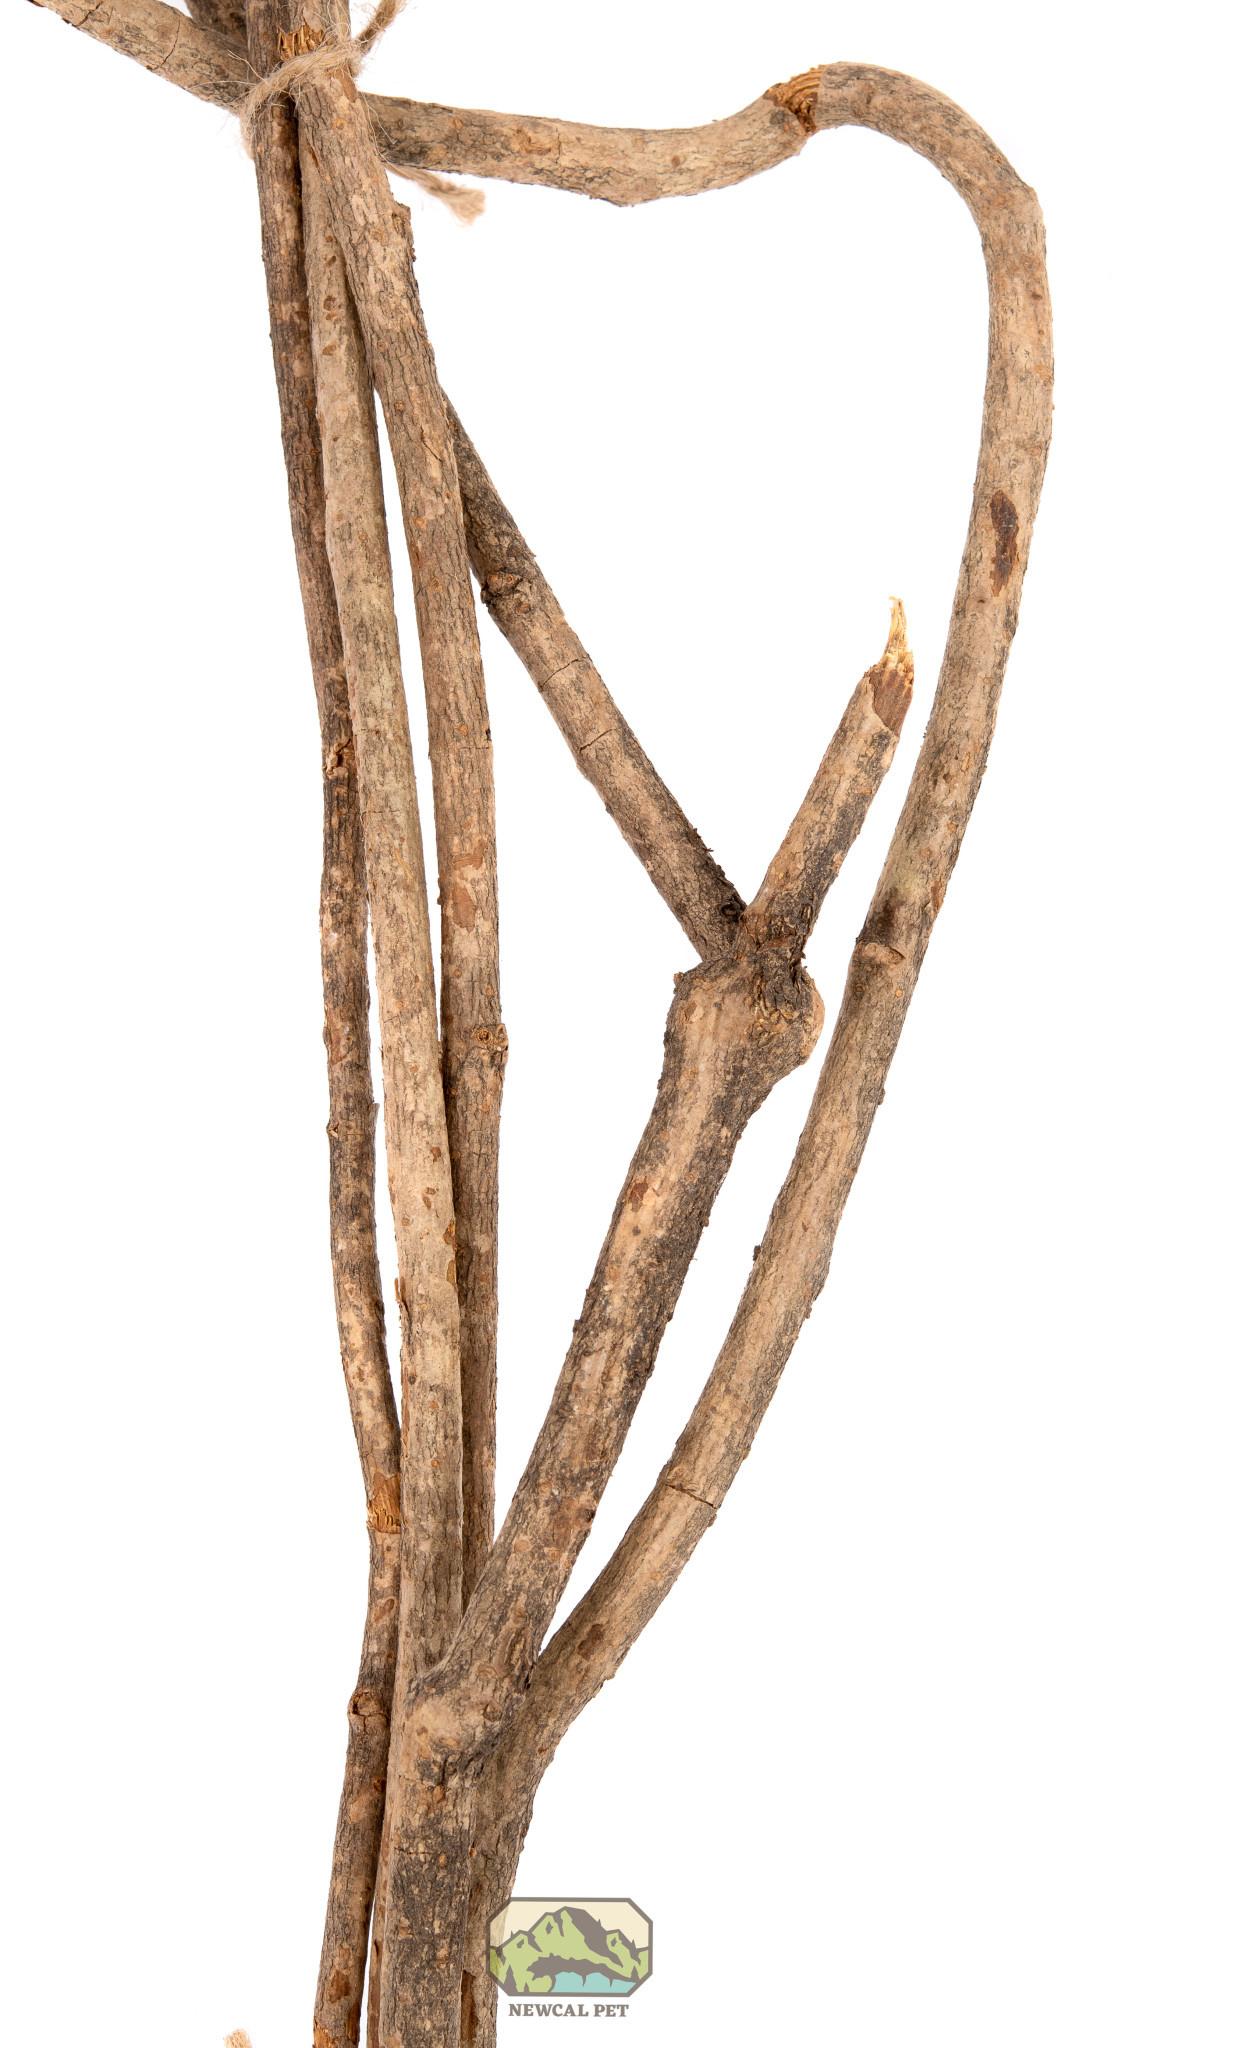 NewCal Pets Branches de vigne 5 par paquet - Vine Branches 5-pack